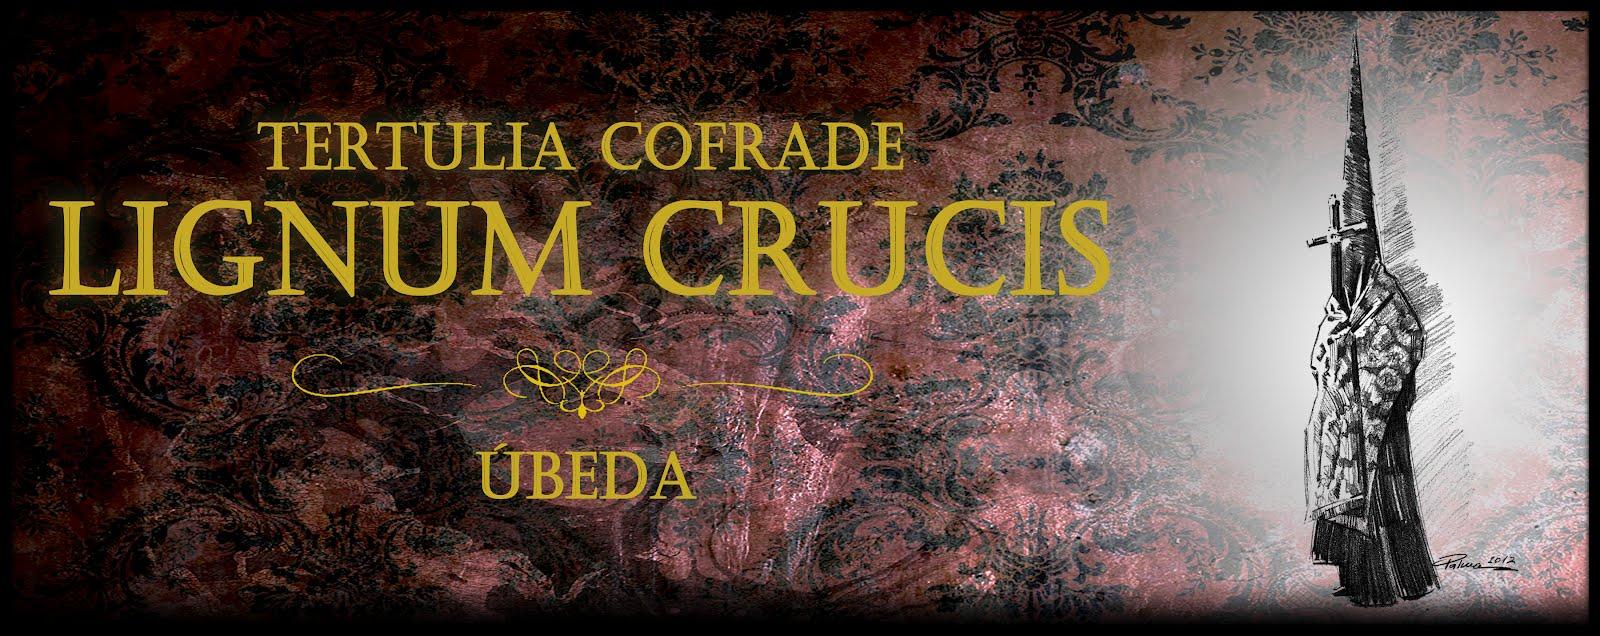 TERTULIA LIGNUM CRUCIS UBEDA